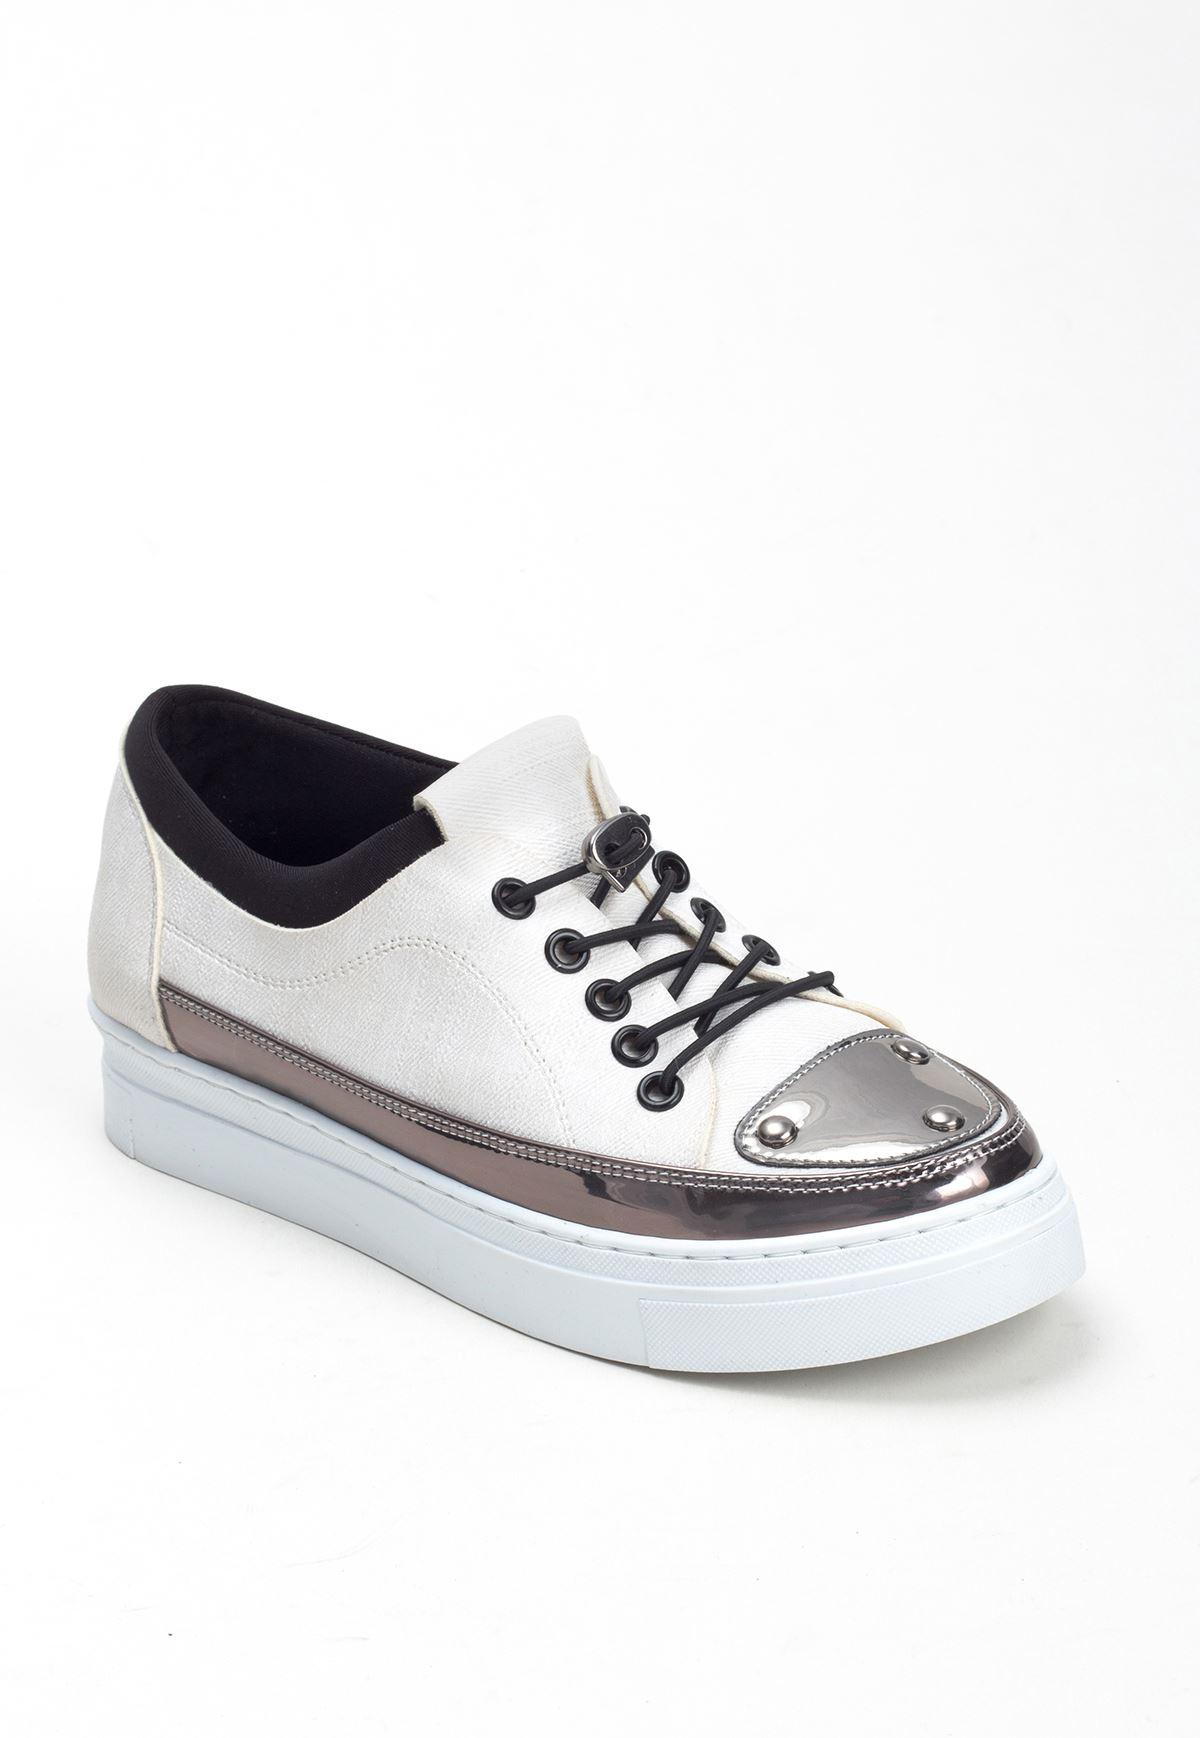 Dos Beyaz Cilt Desenli Gümüş Detaylı Bayan Spor Ayakkabı